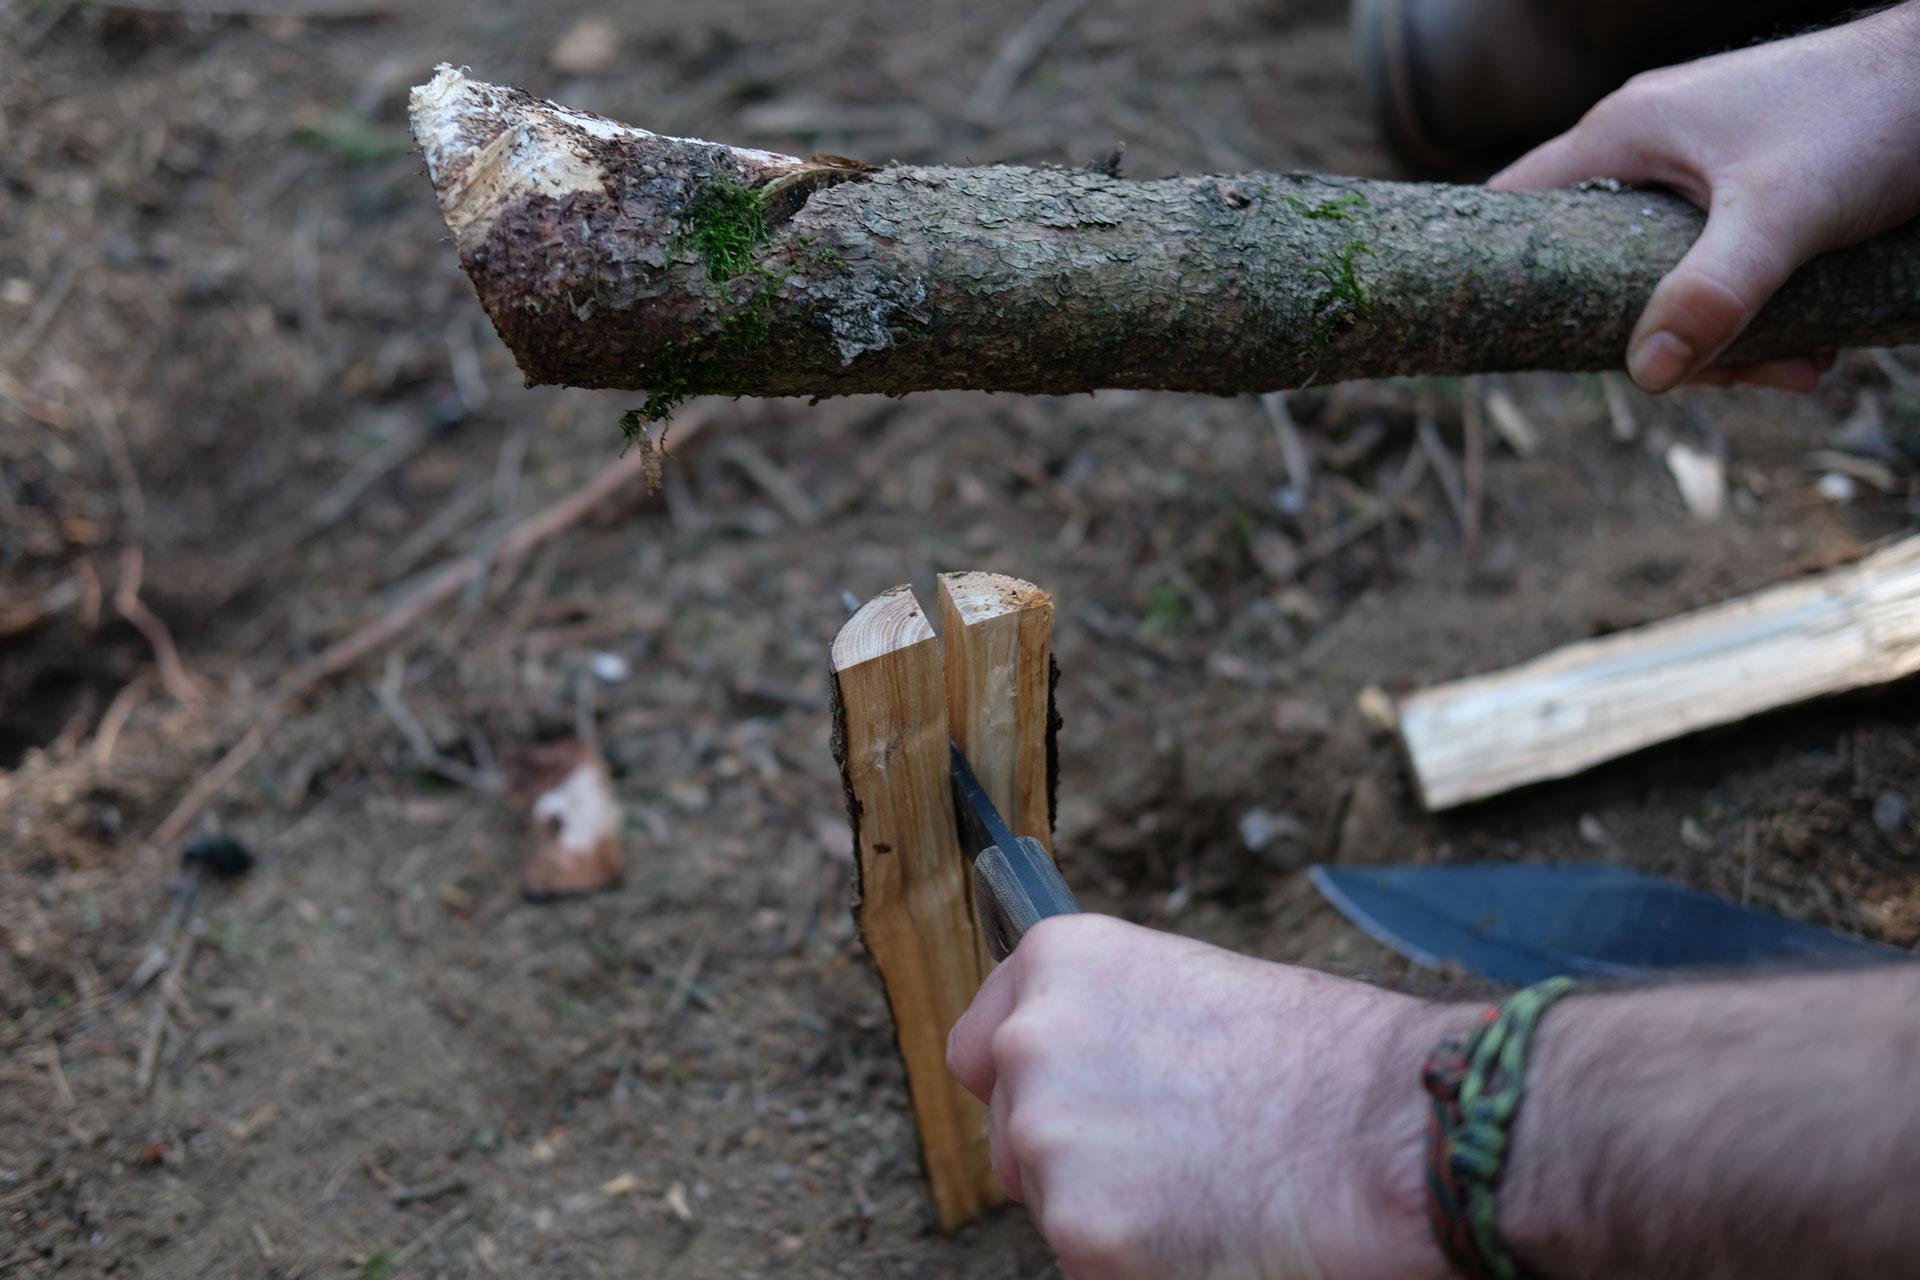 Überlebenstechniken - ein Wochenende in der Wachau 14